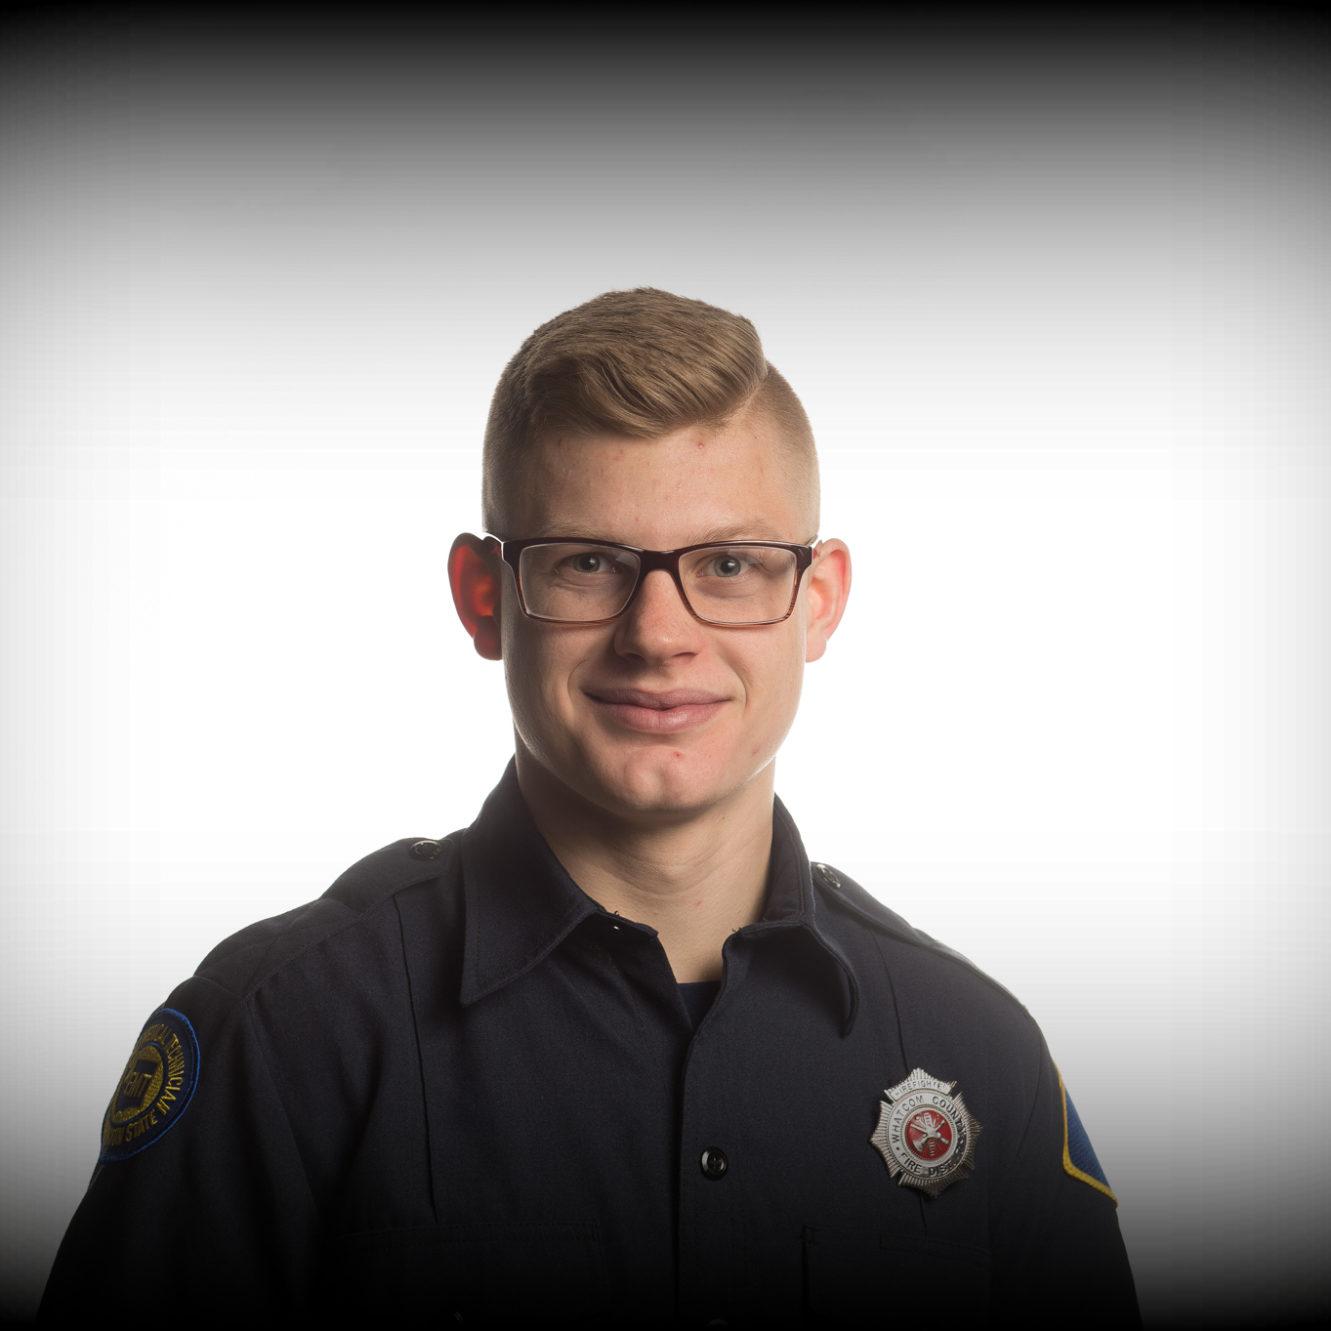 Firefighter Campeau